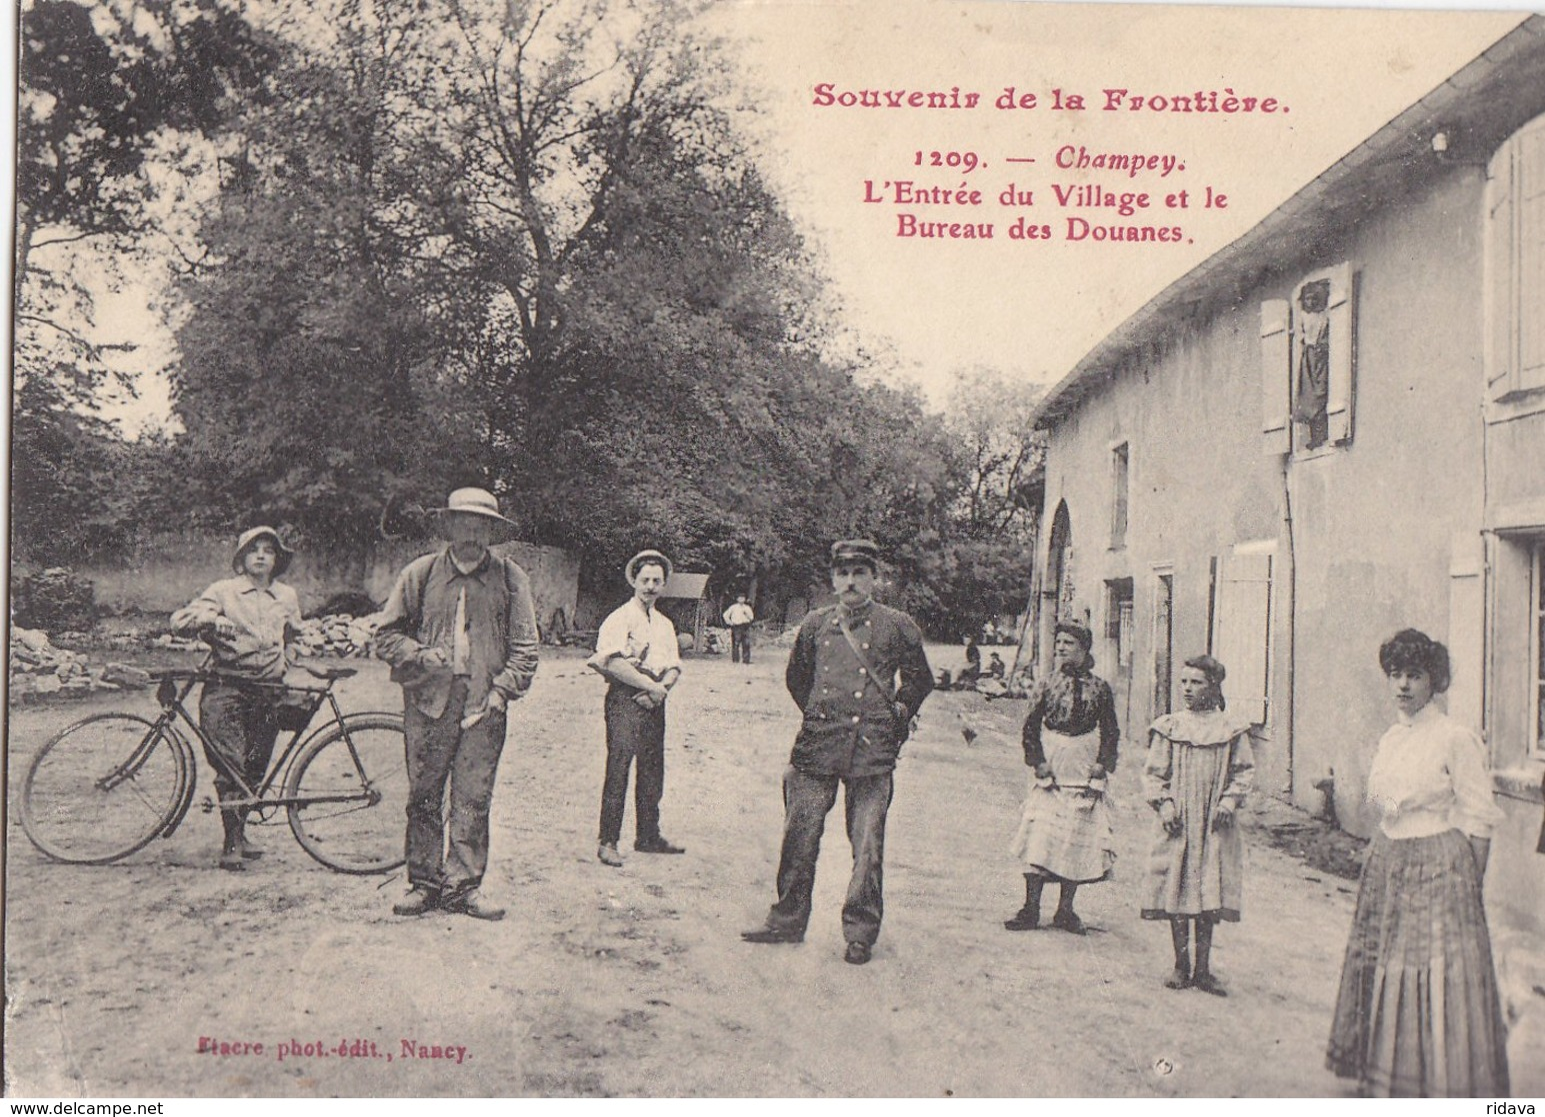 SOUVENIRS DE LA FRONTIERE CHAMPEY DOUANES N° 1209 - Other Municipalities